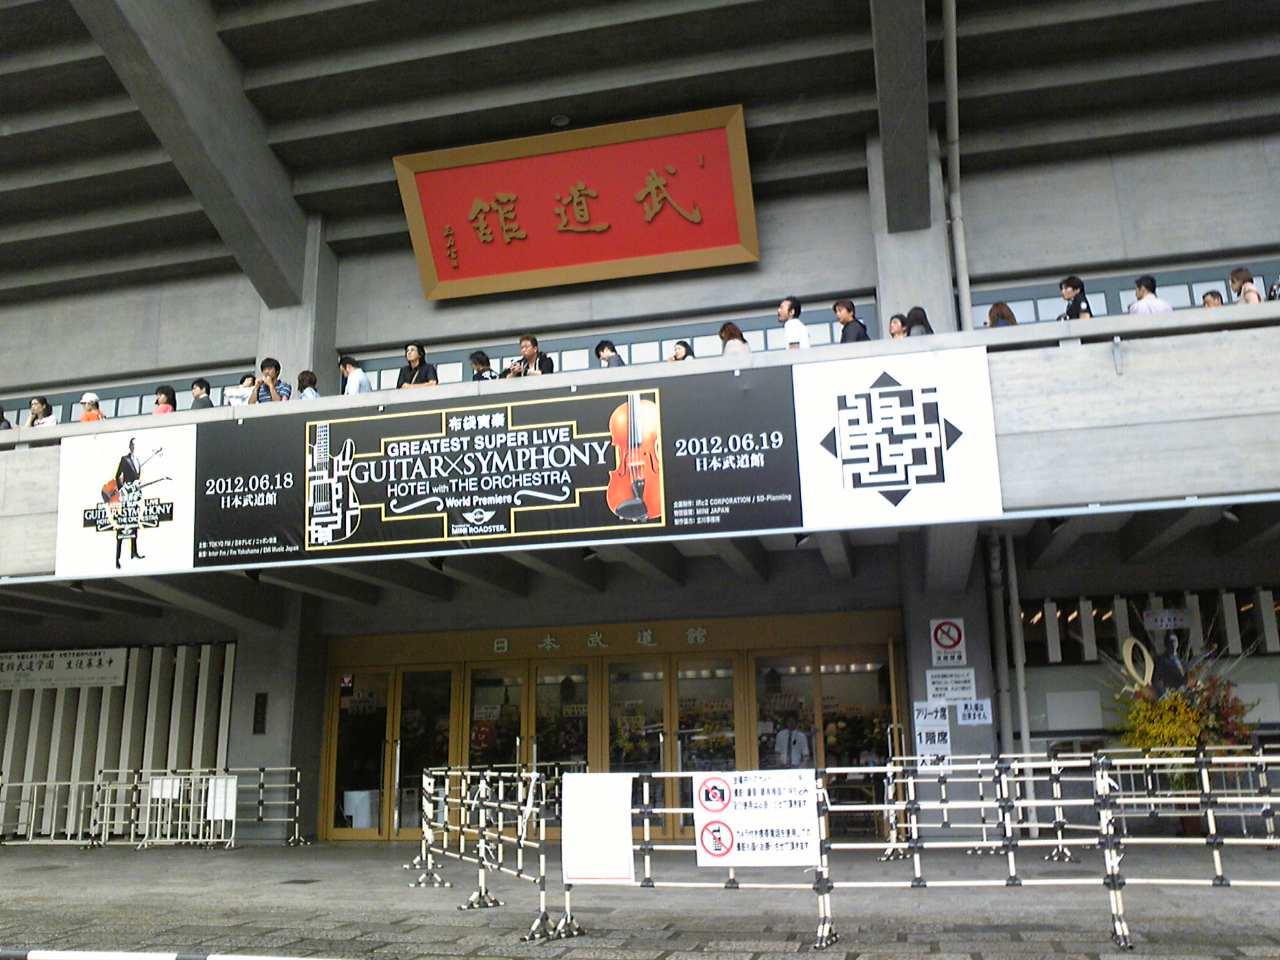 布袋寅泰コンサートin武道館『GUITAR × SYMPHONY』